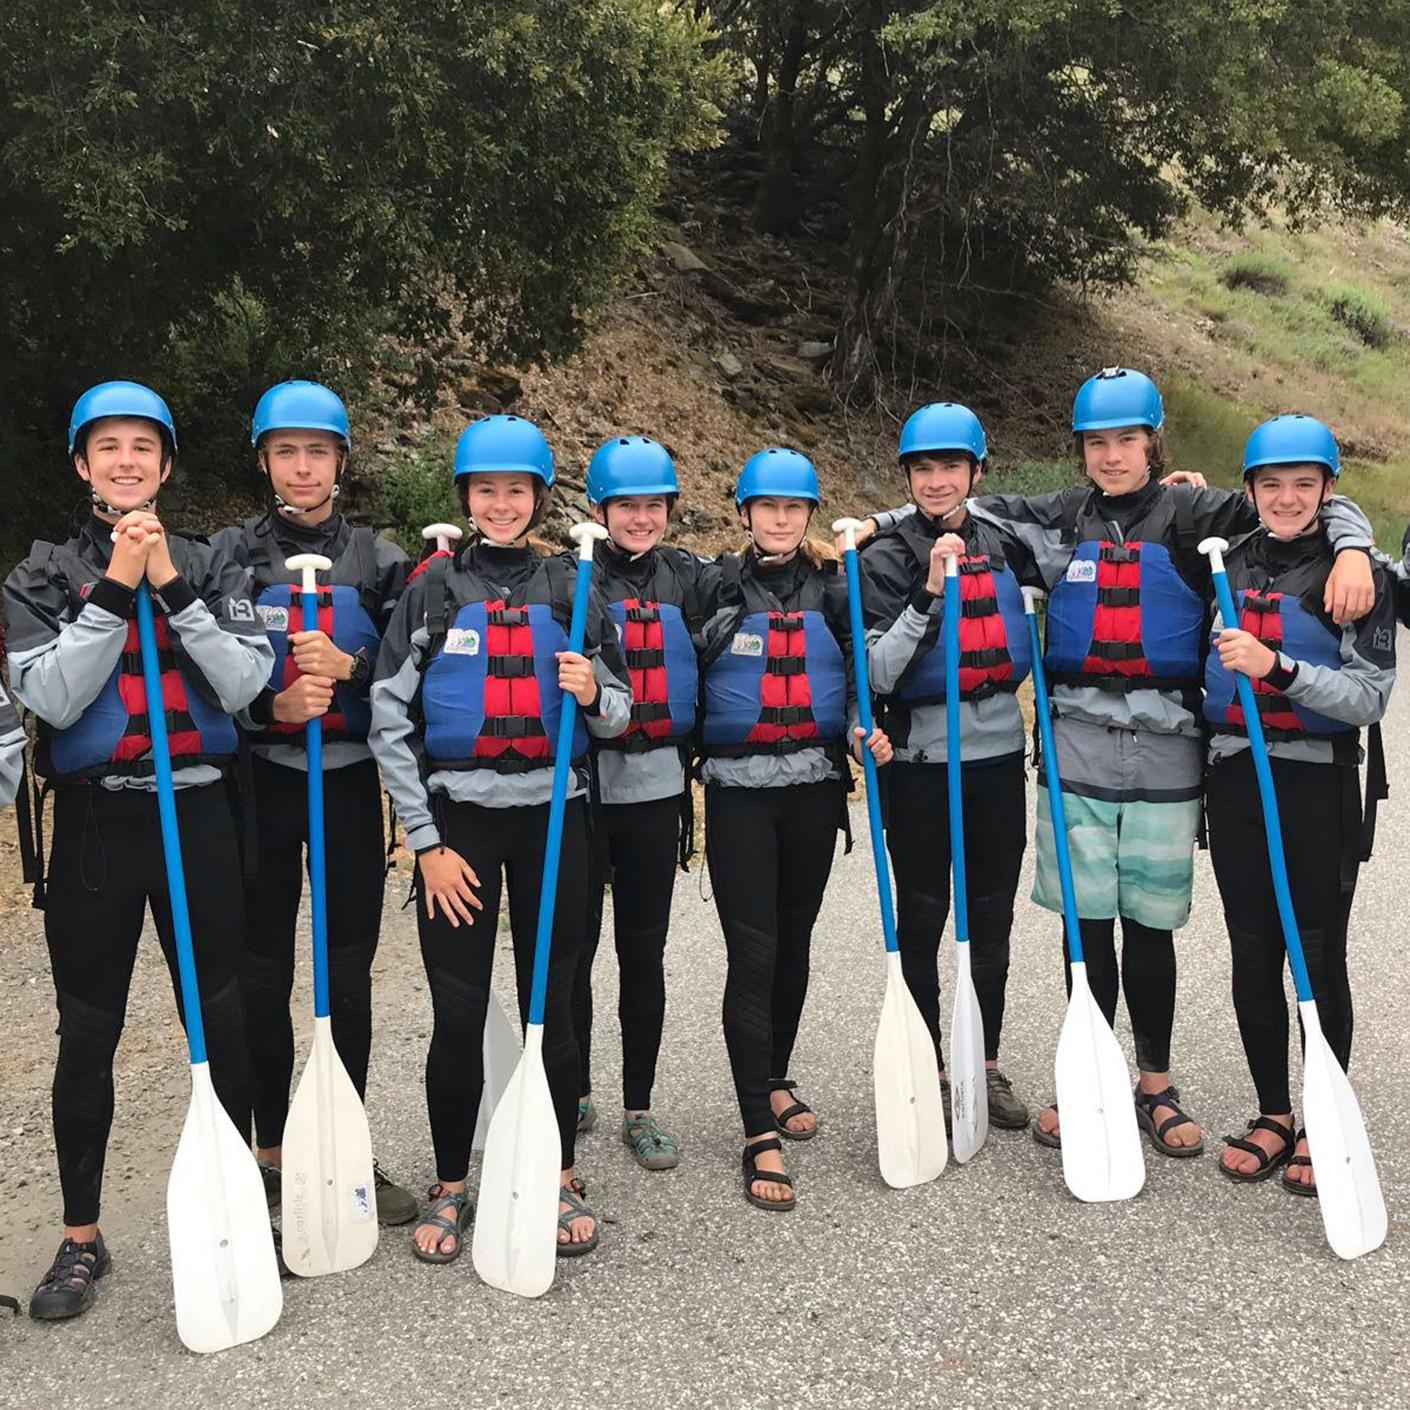 Yellowstone Wilderness whitewater rafting